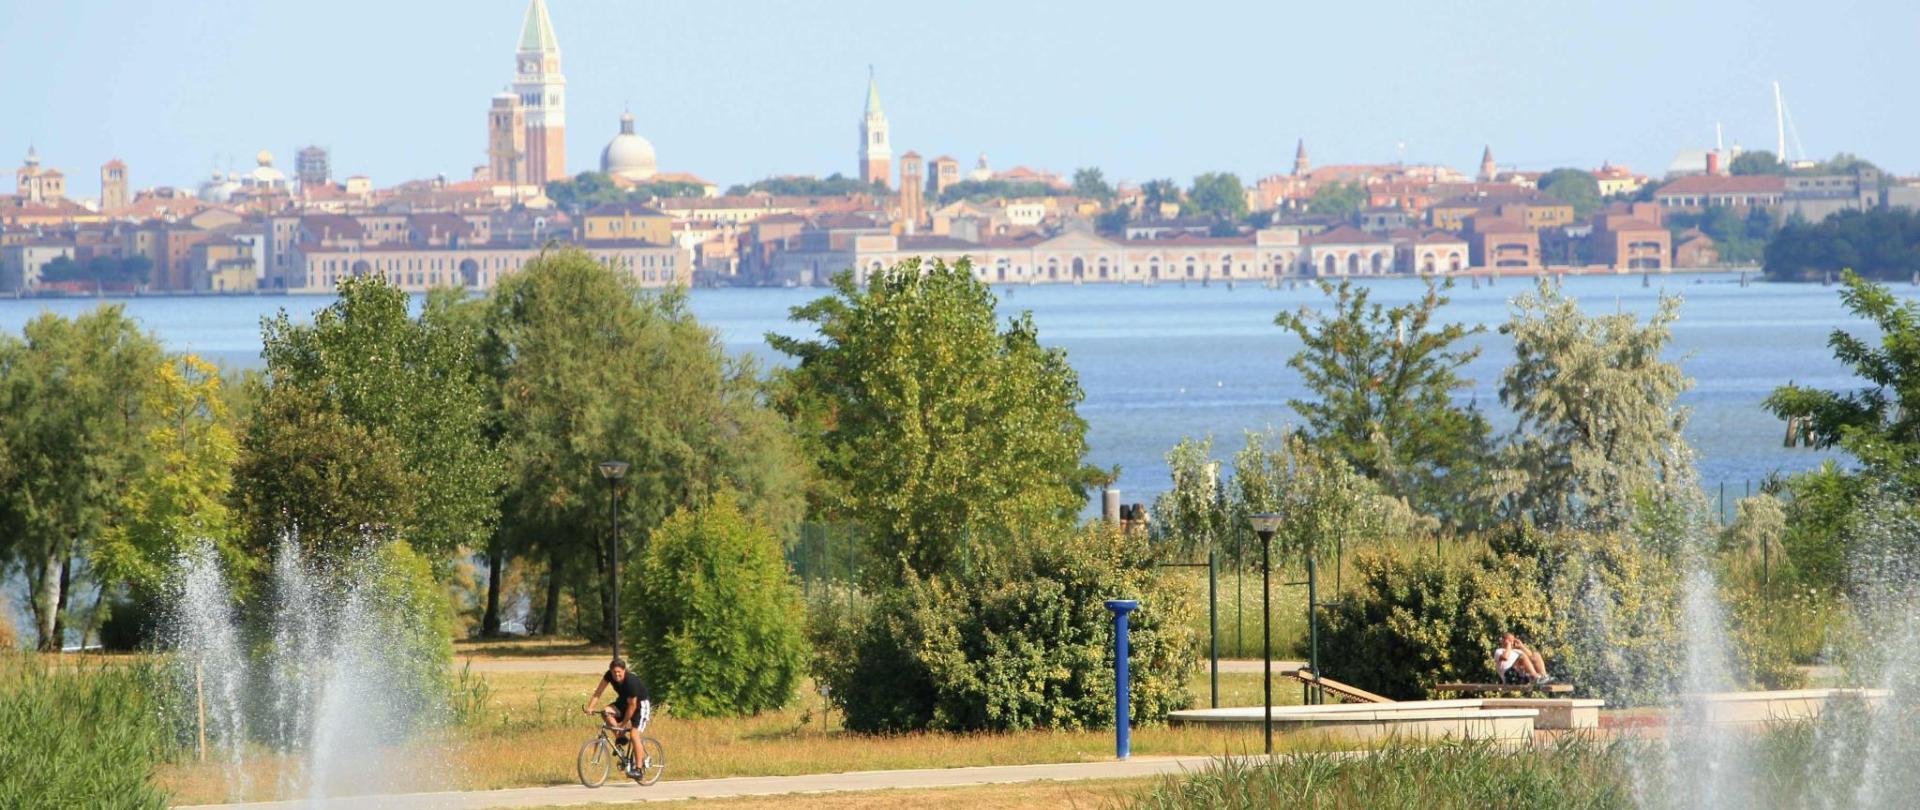 Perkhemahan Perkampungan Venezia